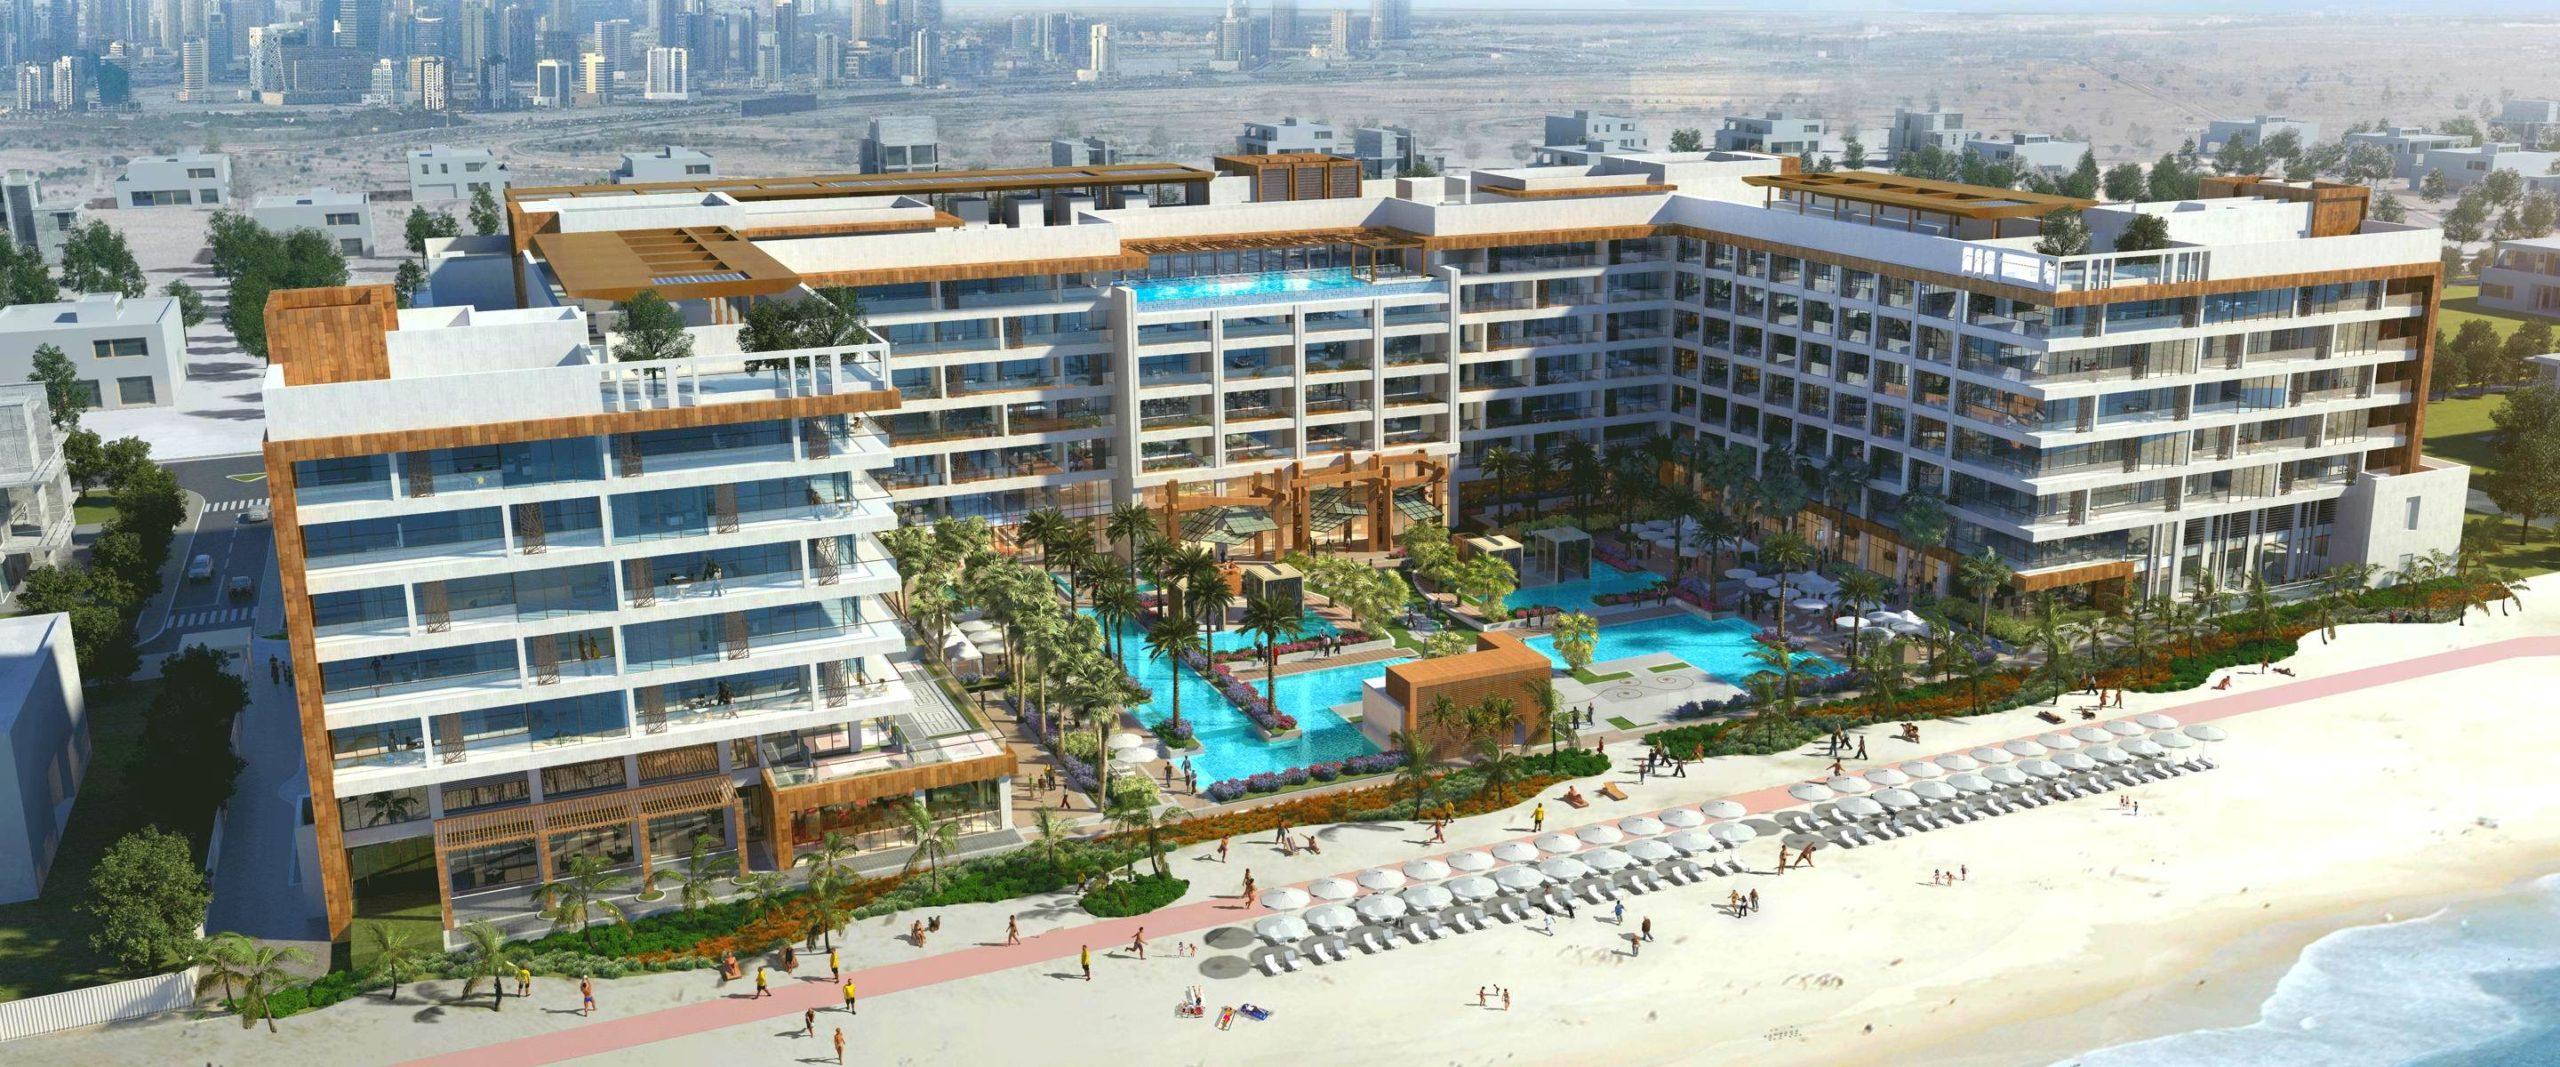 Aprirà all'inizio del 2019 il lussuoso Mandarin Oriental Jumeira, Dubai